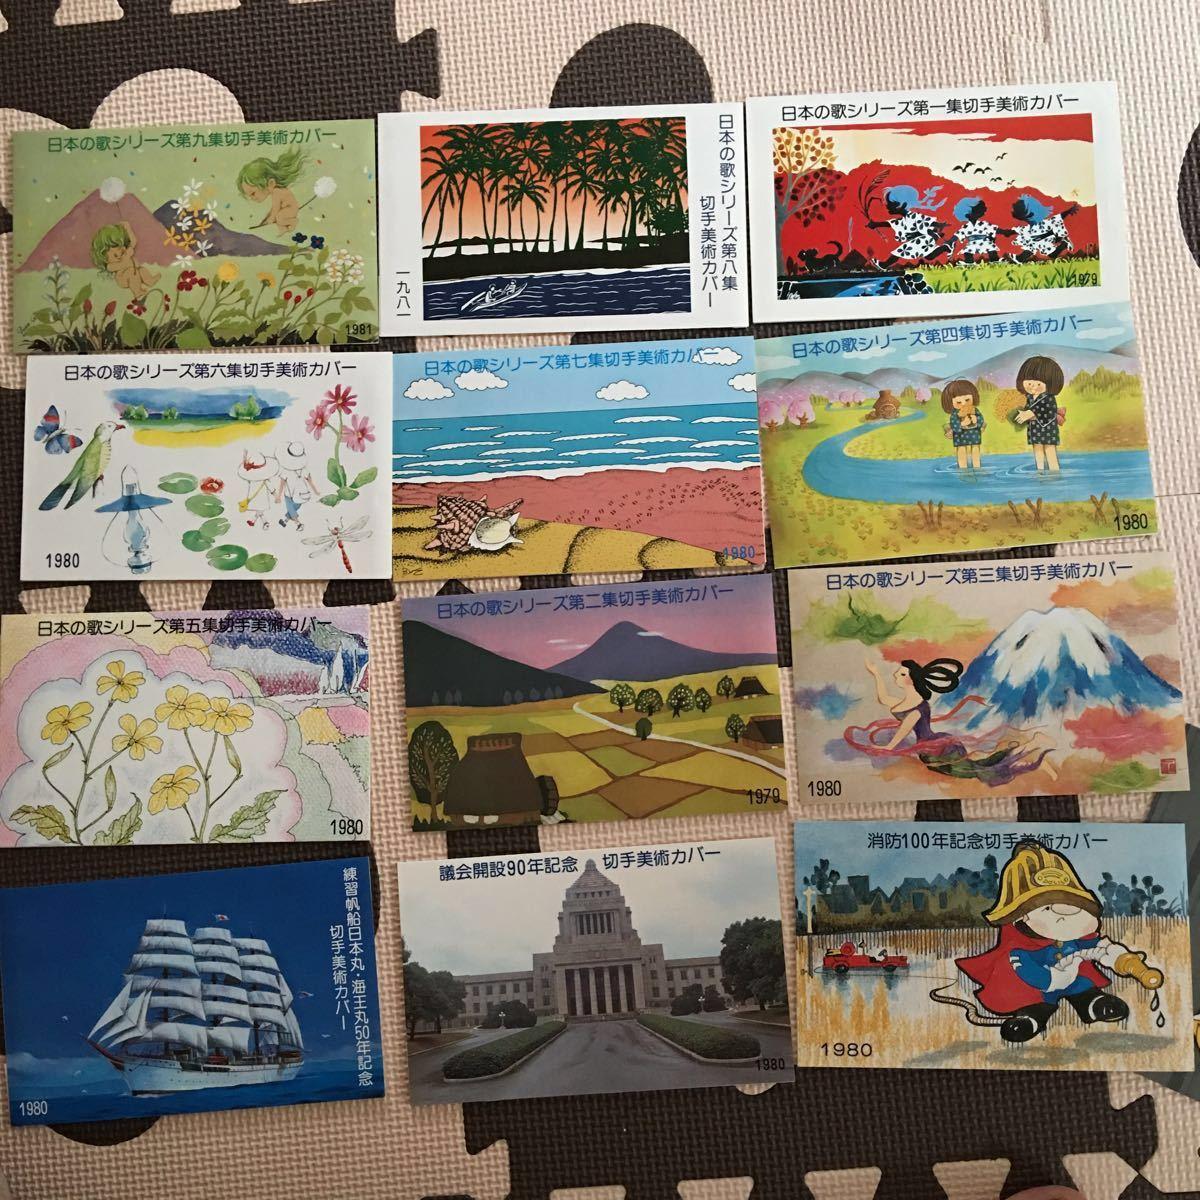 ◆大量◆◆→→→日本切手・FDC ・初日カバー・切手趣味週間・年賀・ふるさと・記念シリーズ・他・アルバム4冊約300枚まとめて◆◆_画像4